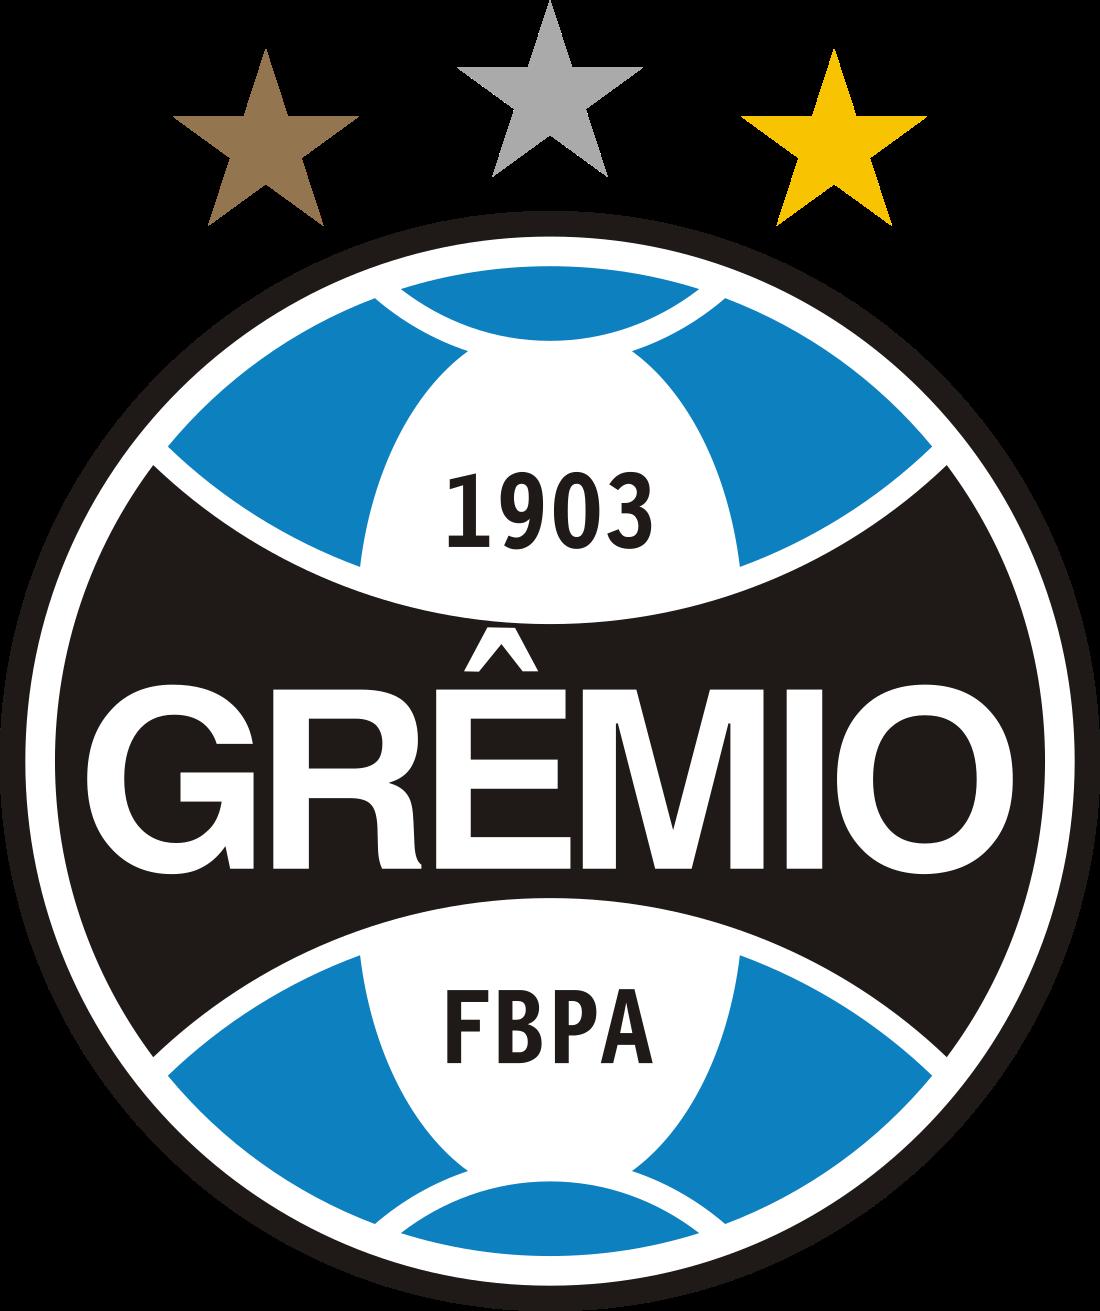 gremio logo escudo 5 - Grêmio Logo – Escudo